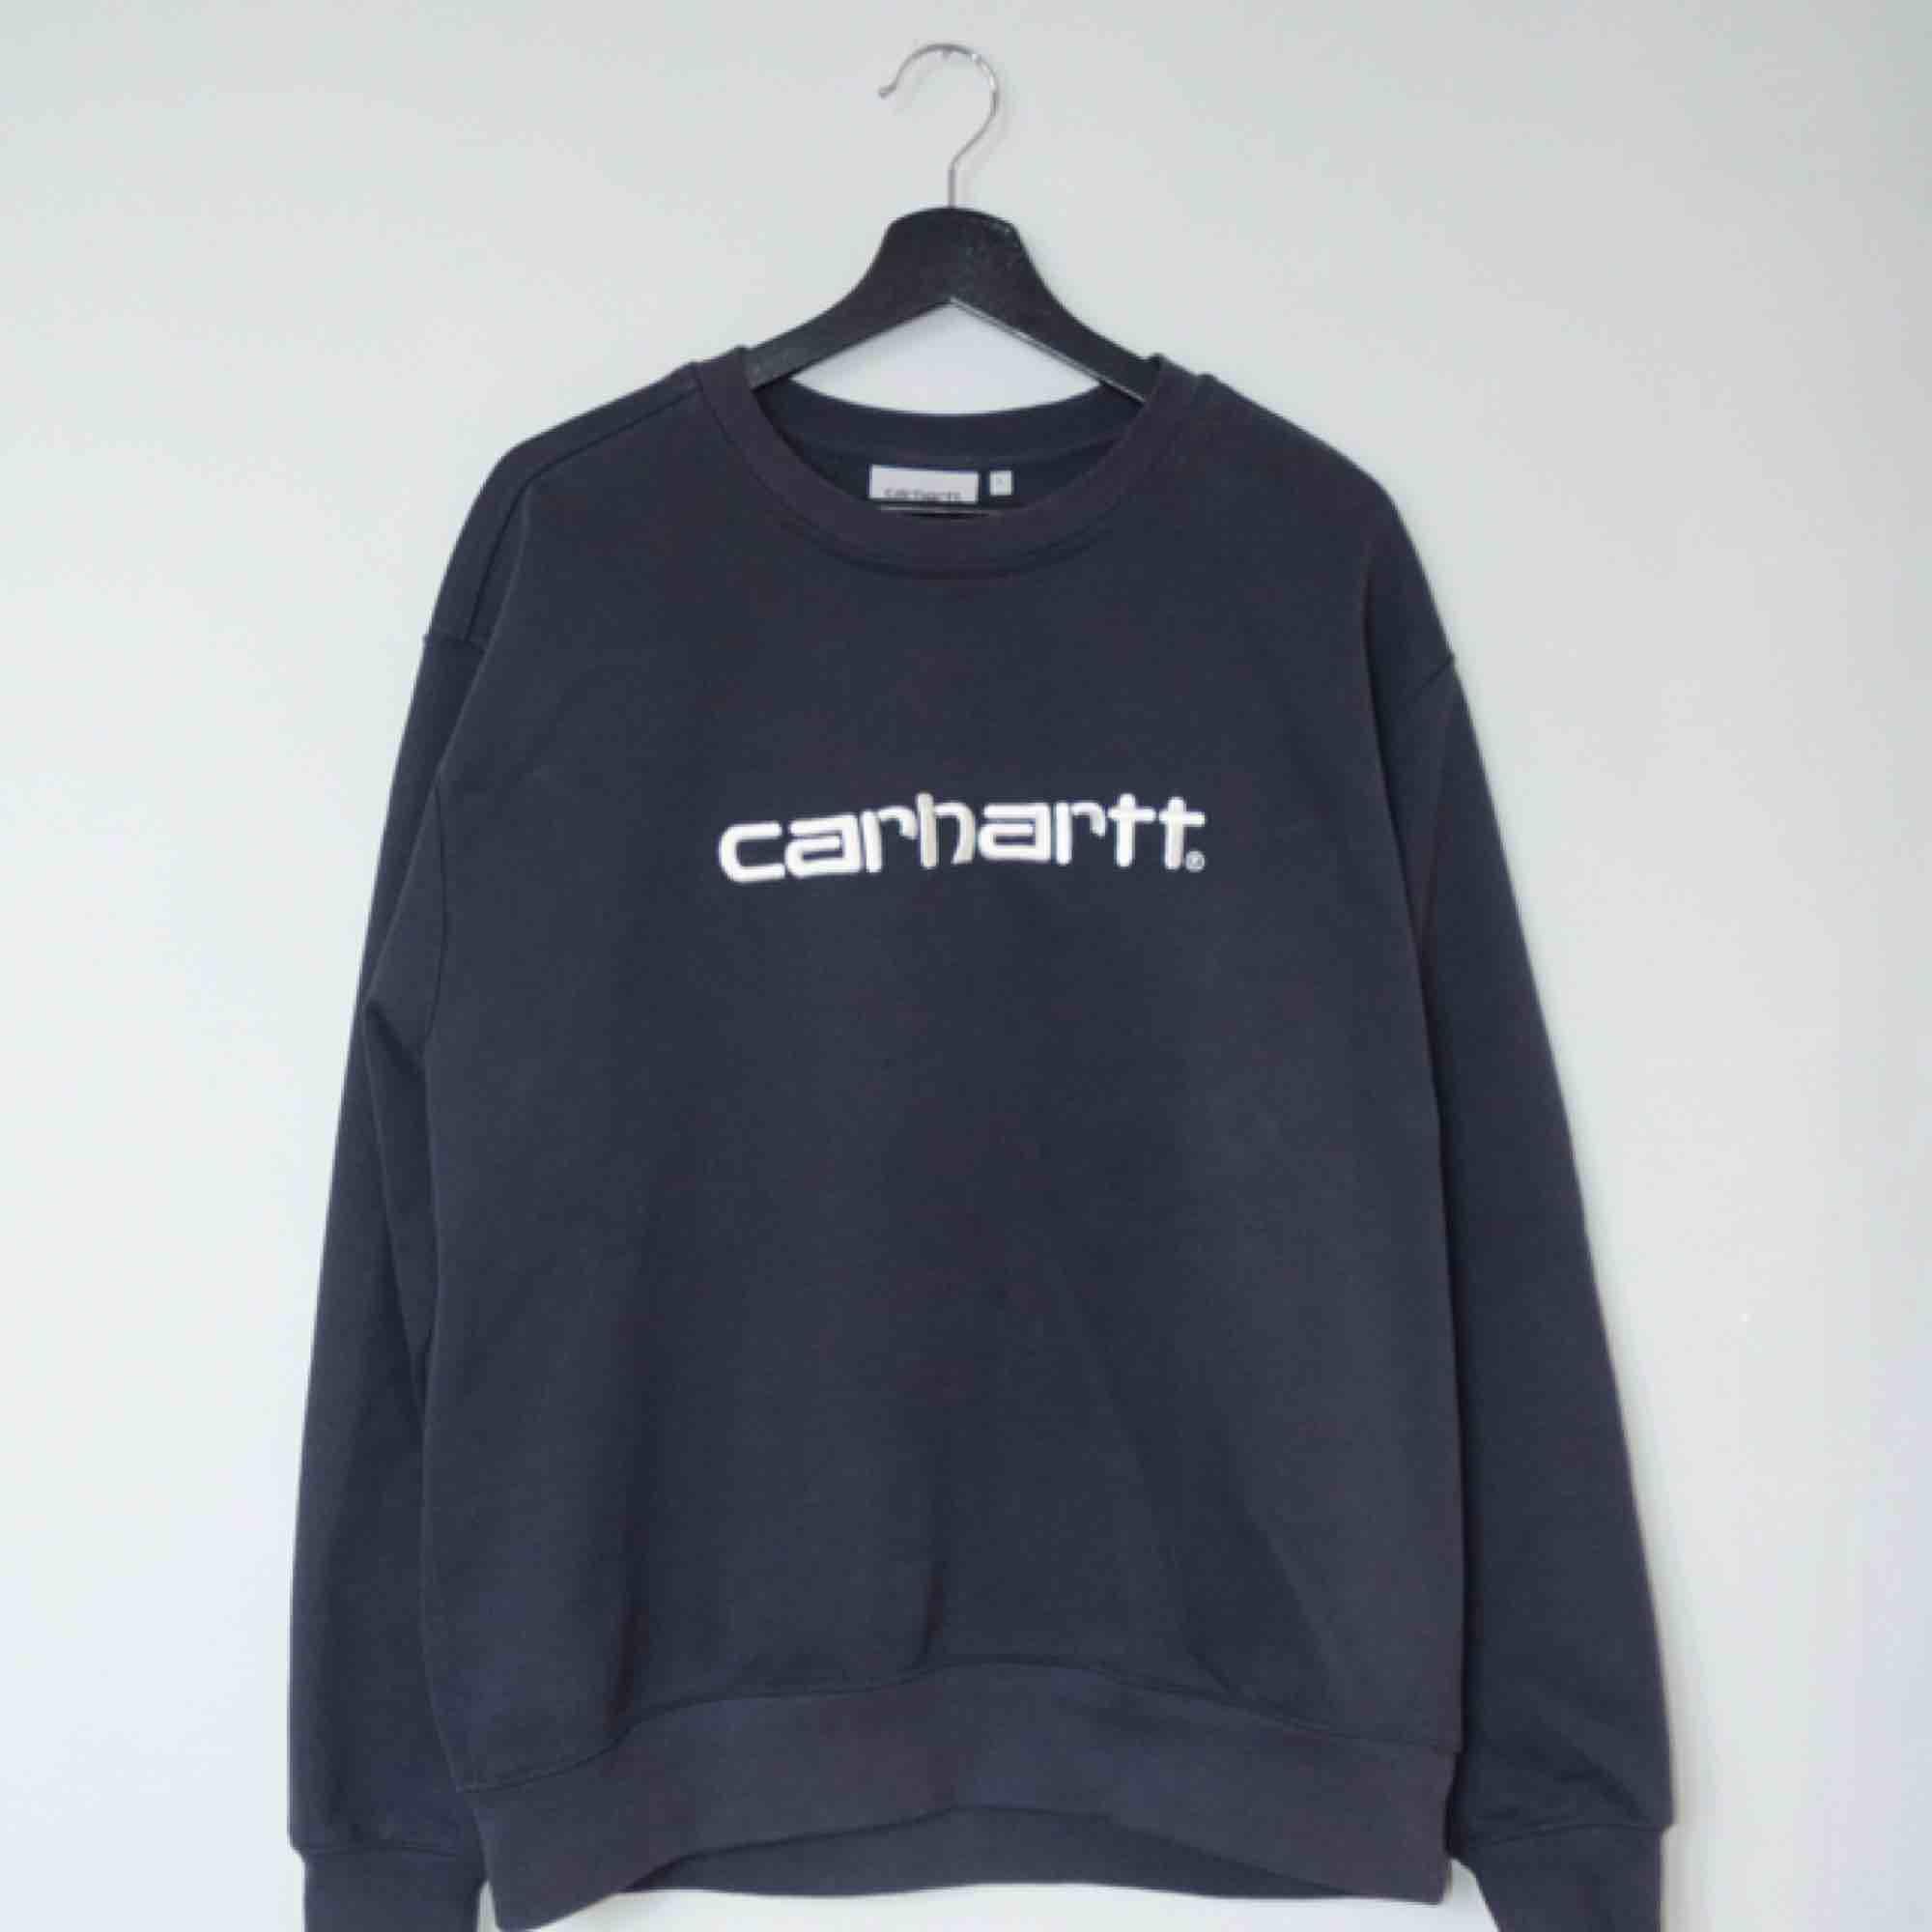 Säljer en Carhartt tröja i färgen navy wax. Suveränt komplement till Paccbet x Carhartt tröjan från SS18!  Size: Large Cond: 9/10 (gott skick utöver en liten fläck på magen, knappt tydlig vid användning). Tröjor & Koftor.